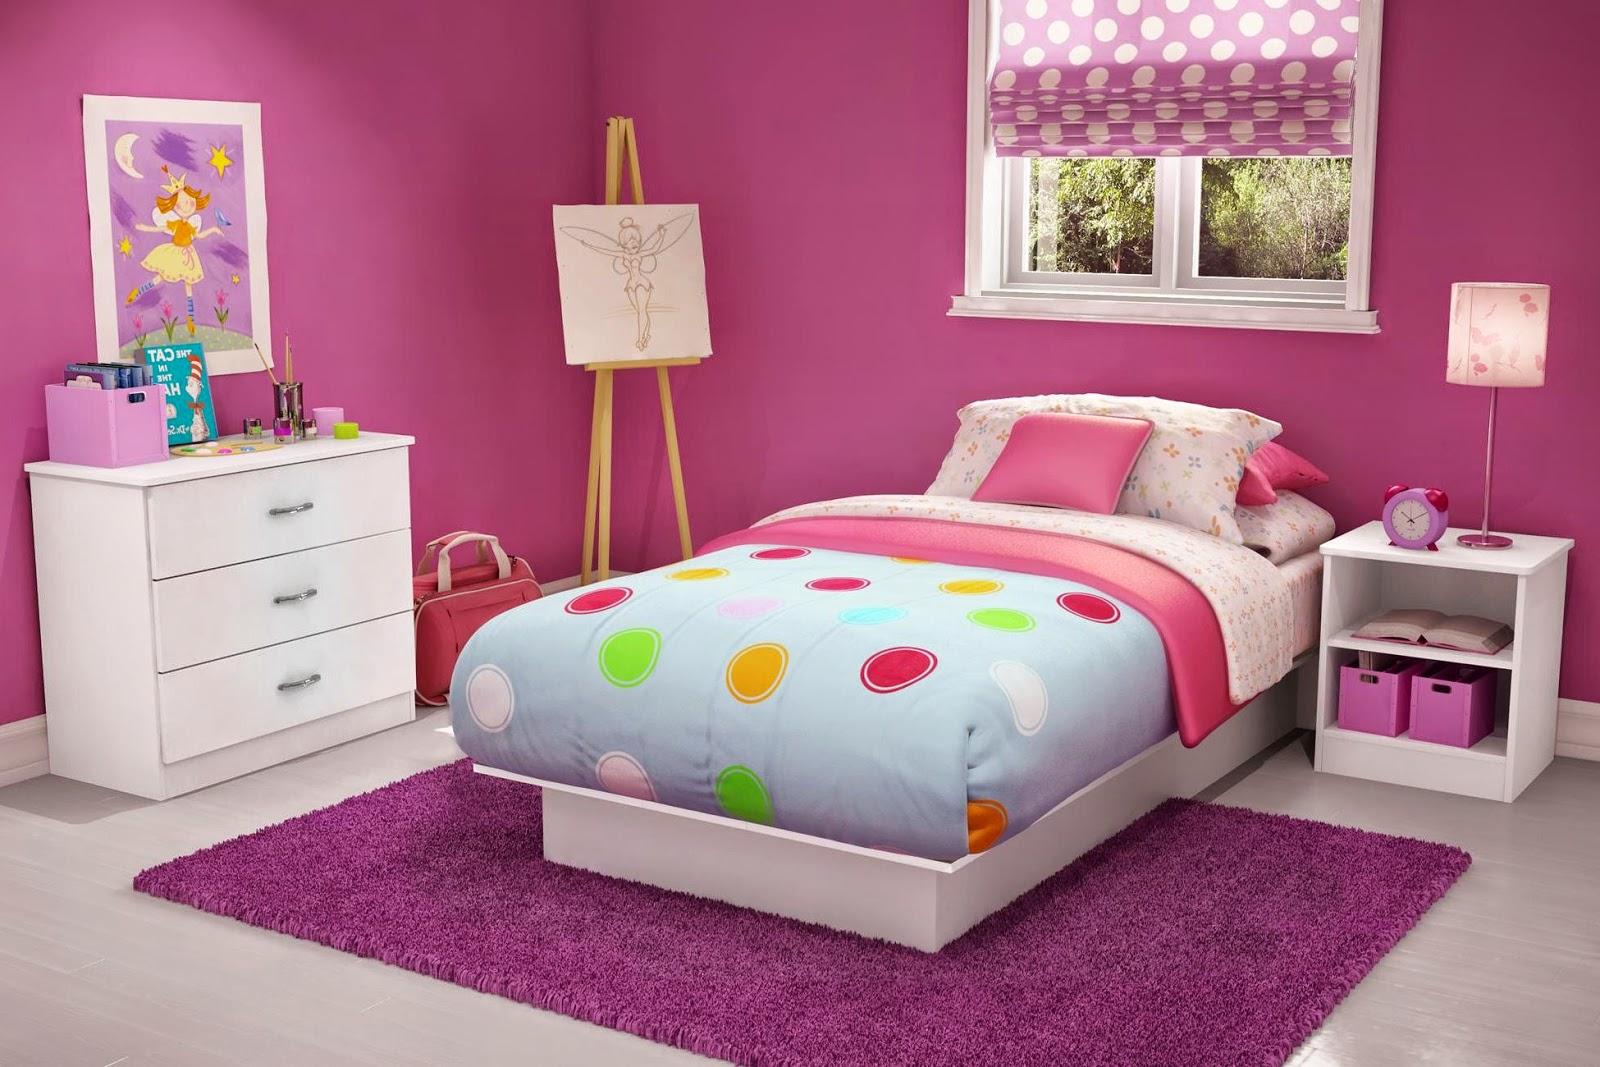 31+ Desain Kamar Tidur Sederhana Dan Murah Warna Pink Gif ...